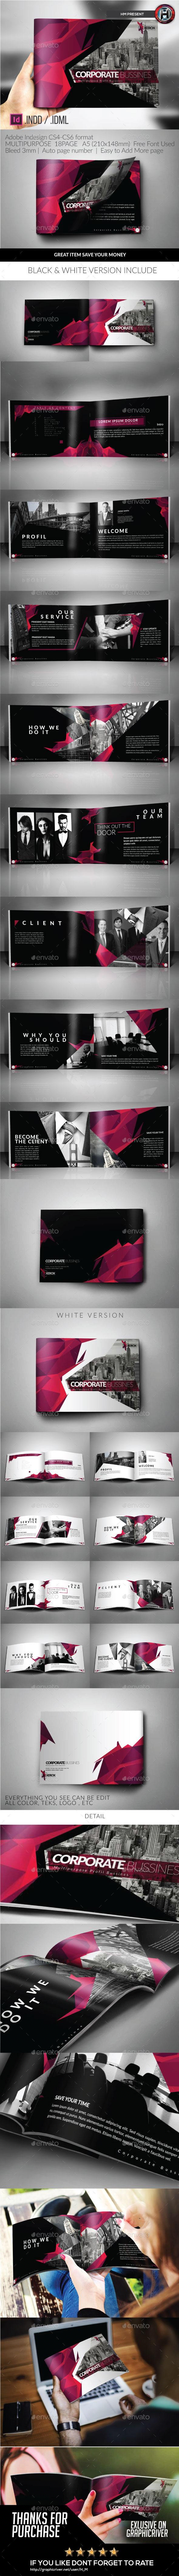 GraphicRiver Multipurpose Corporate Architecture Brochure 10025057